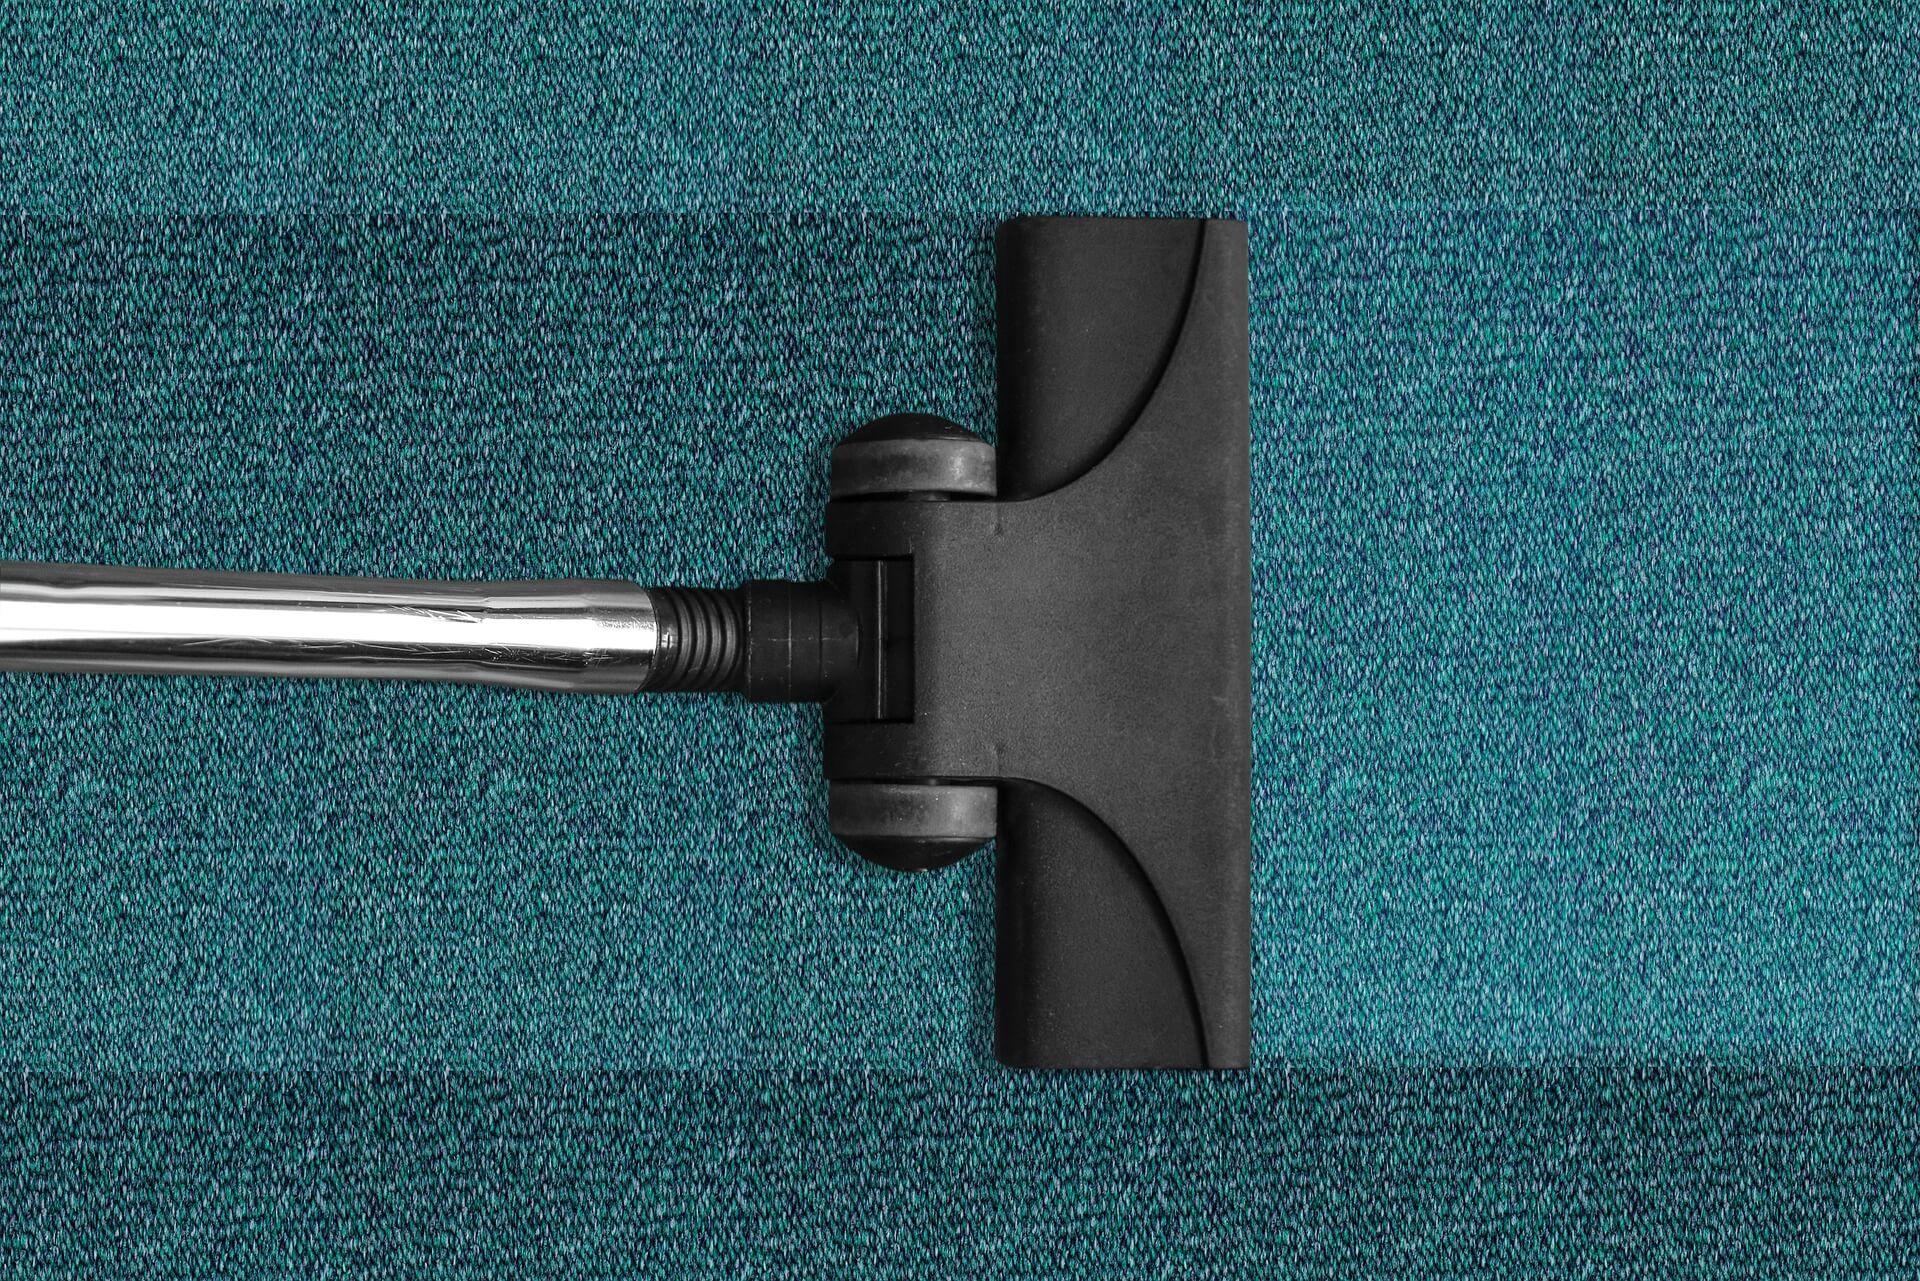 おすすめの掃除機を紹介!種類や特徴、選び方も徹底解説